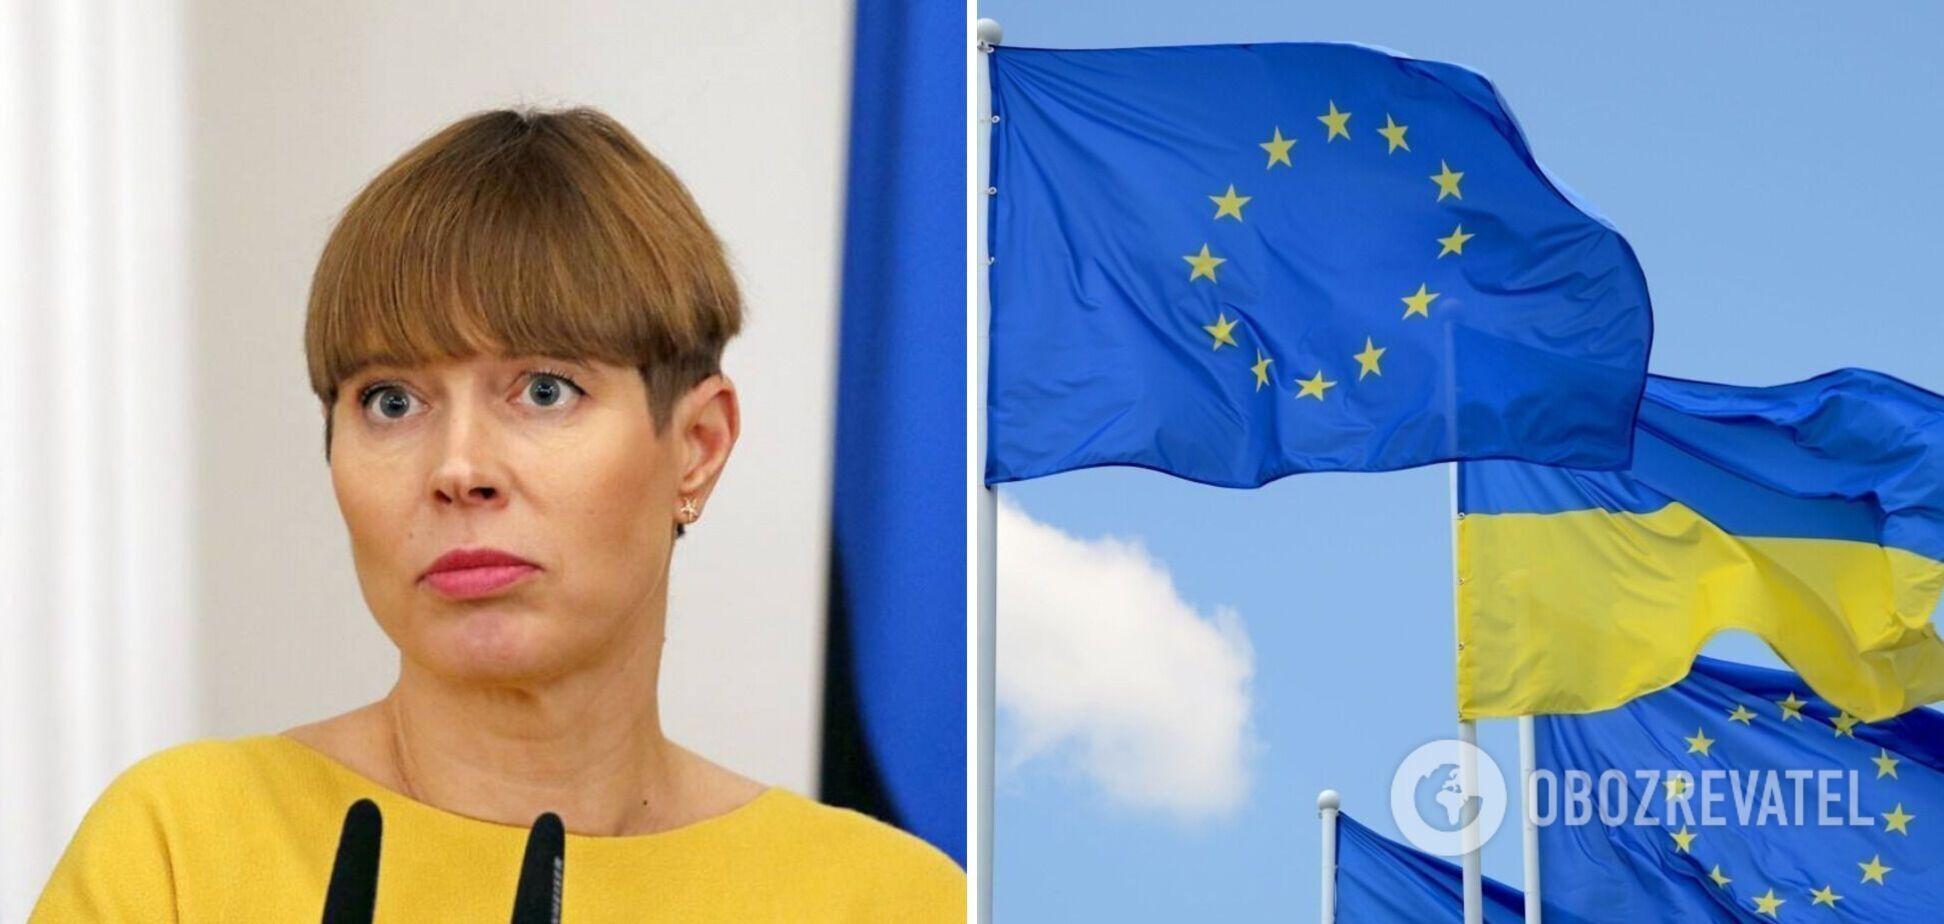 Президент Эстонии заявила, что Украину отделяют от ЕС 'световые годы'